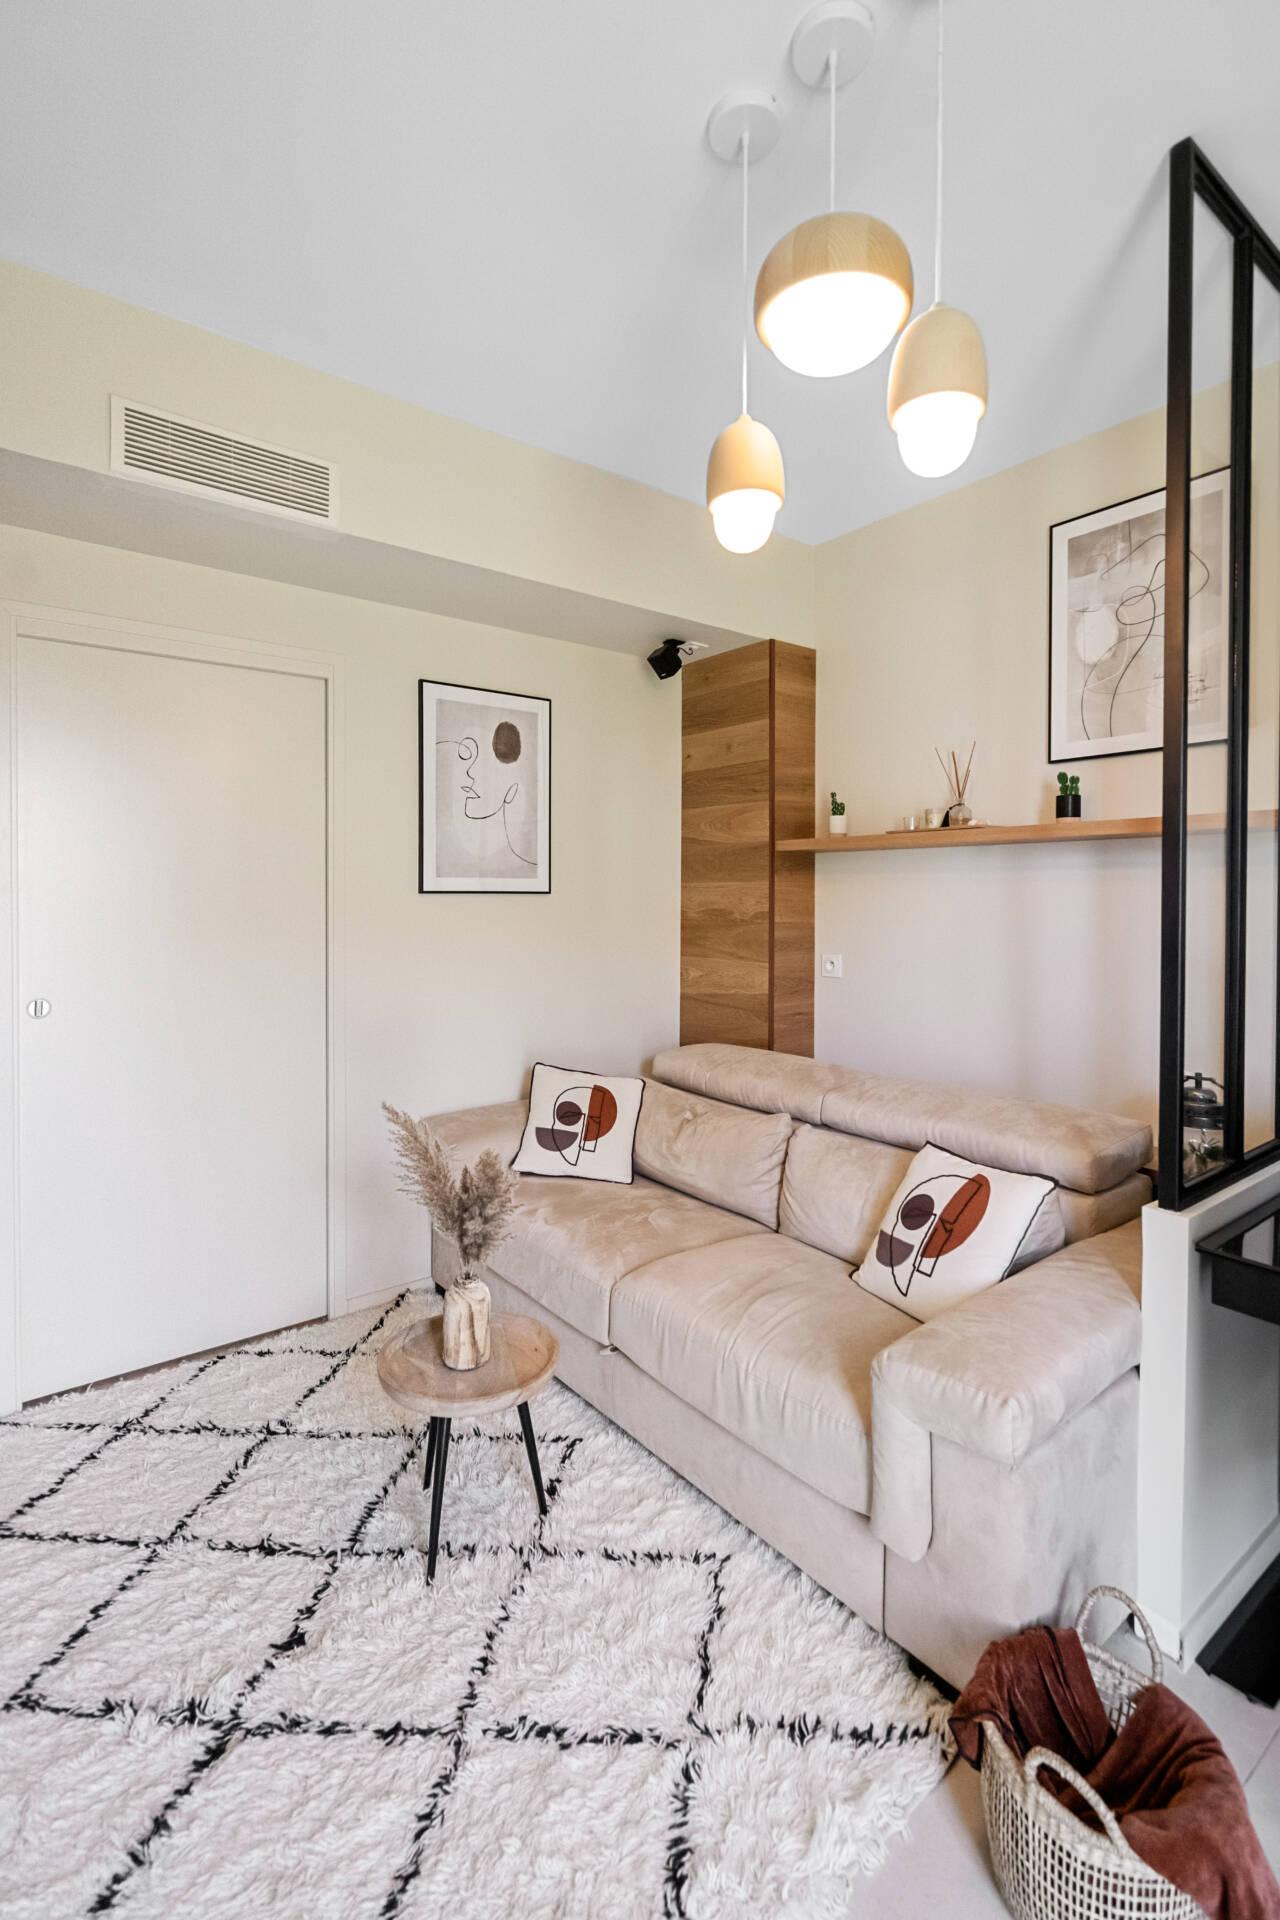 Décoration et agencement Appartement neuf Aix en Provence - Salon avec tapis berbère et verrière, par Myll décors , Agence de décoration à Aix en Provence et dans le Var